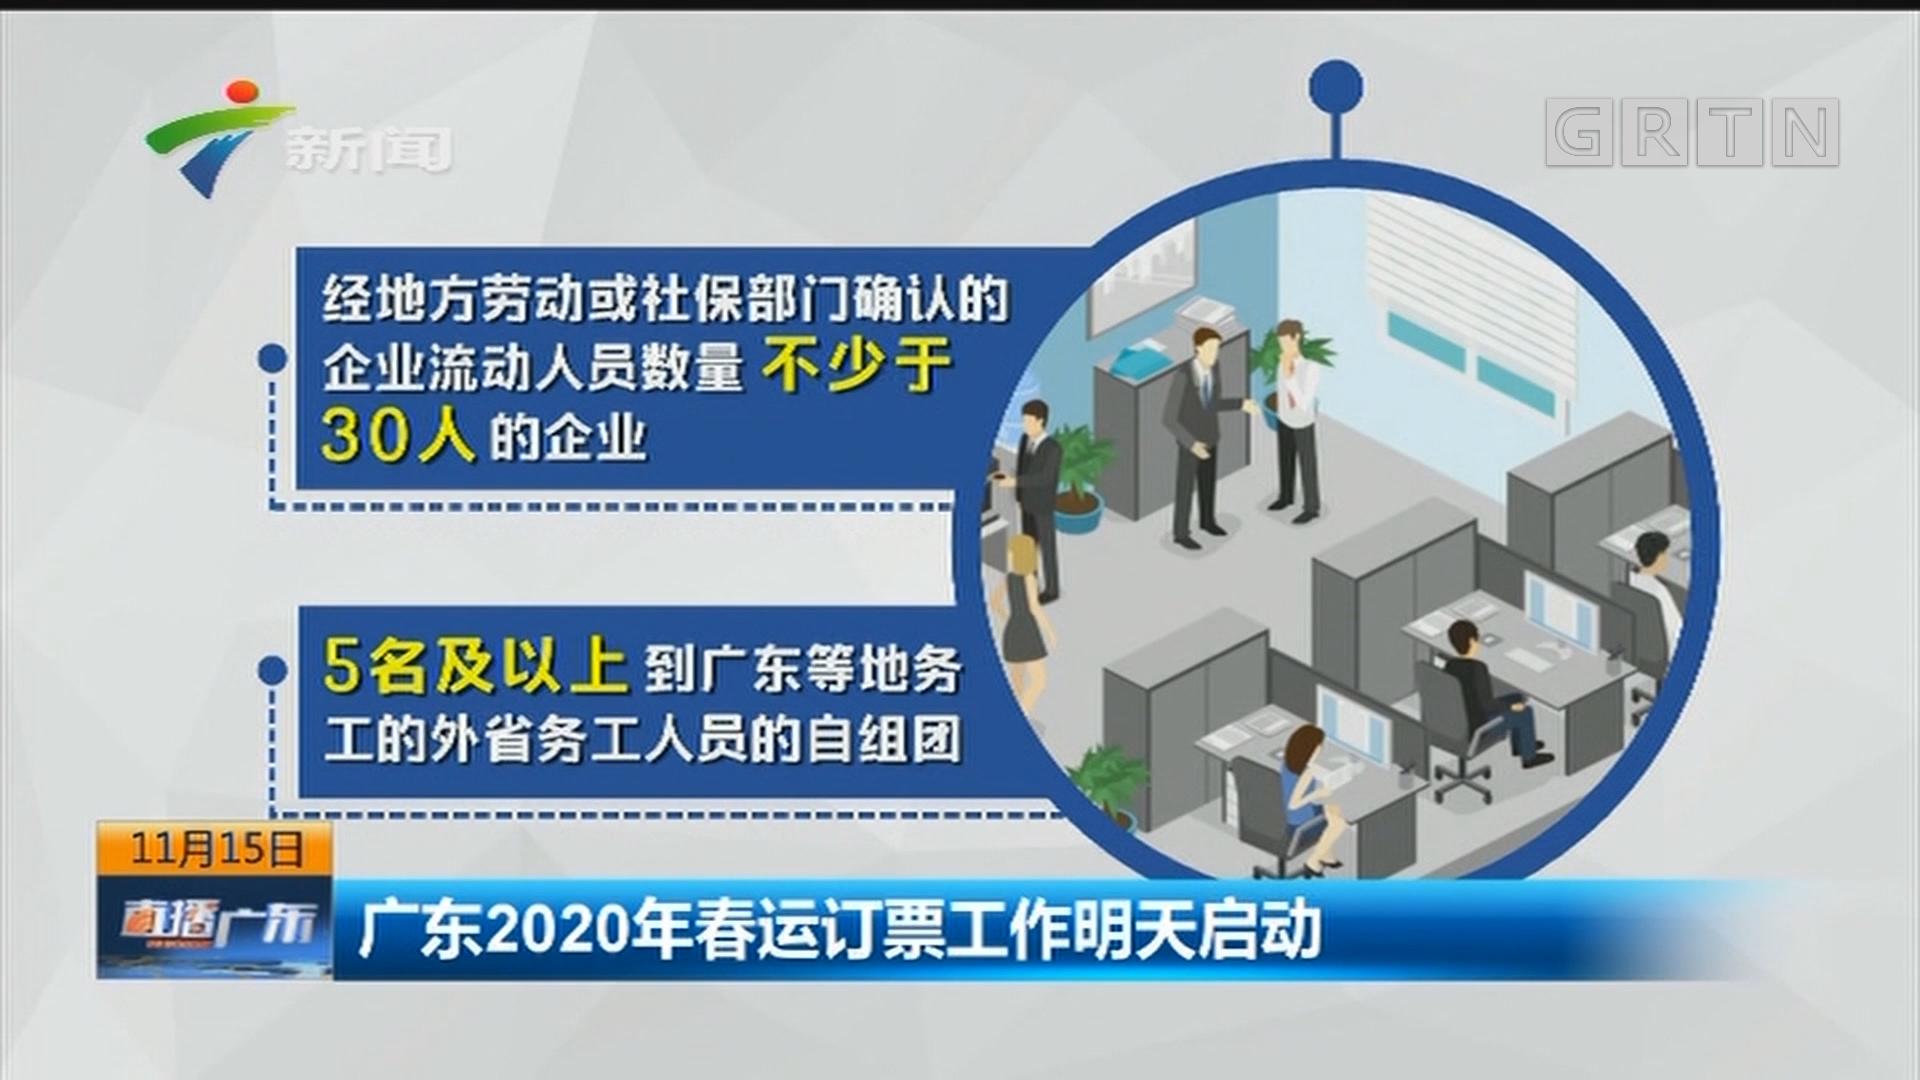 广东2020年春运订票工作明天启动